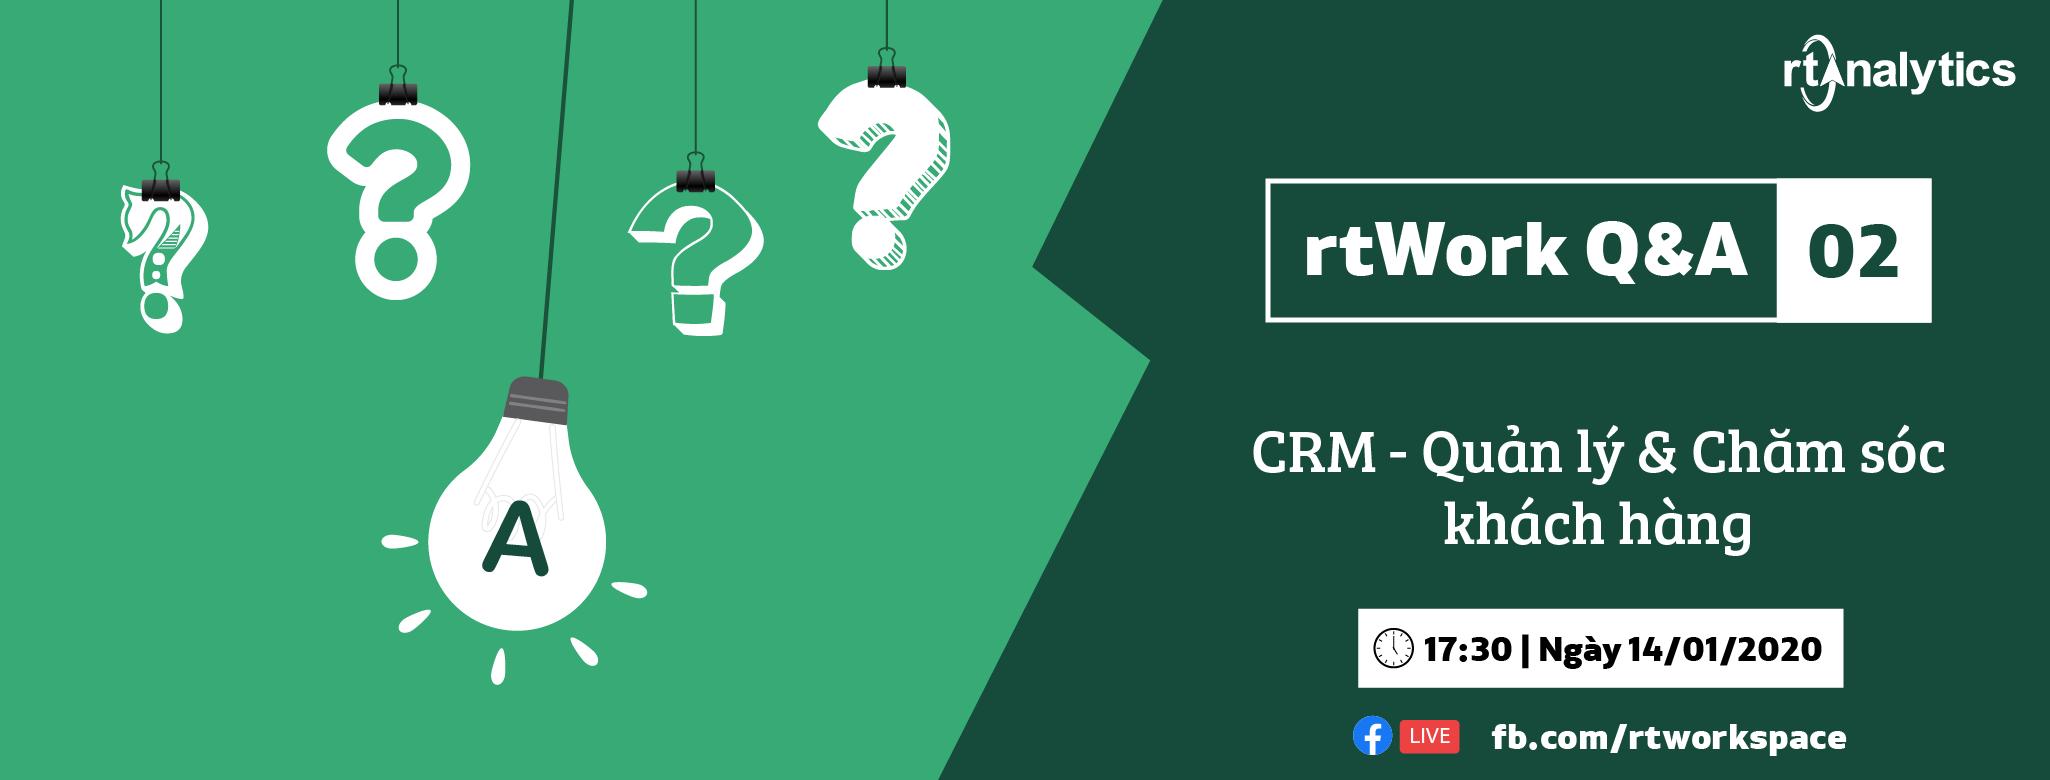 rtWork Q&A 02: CRM – Quản lý & Chăm sóc khách hàng